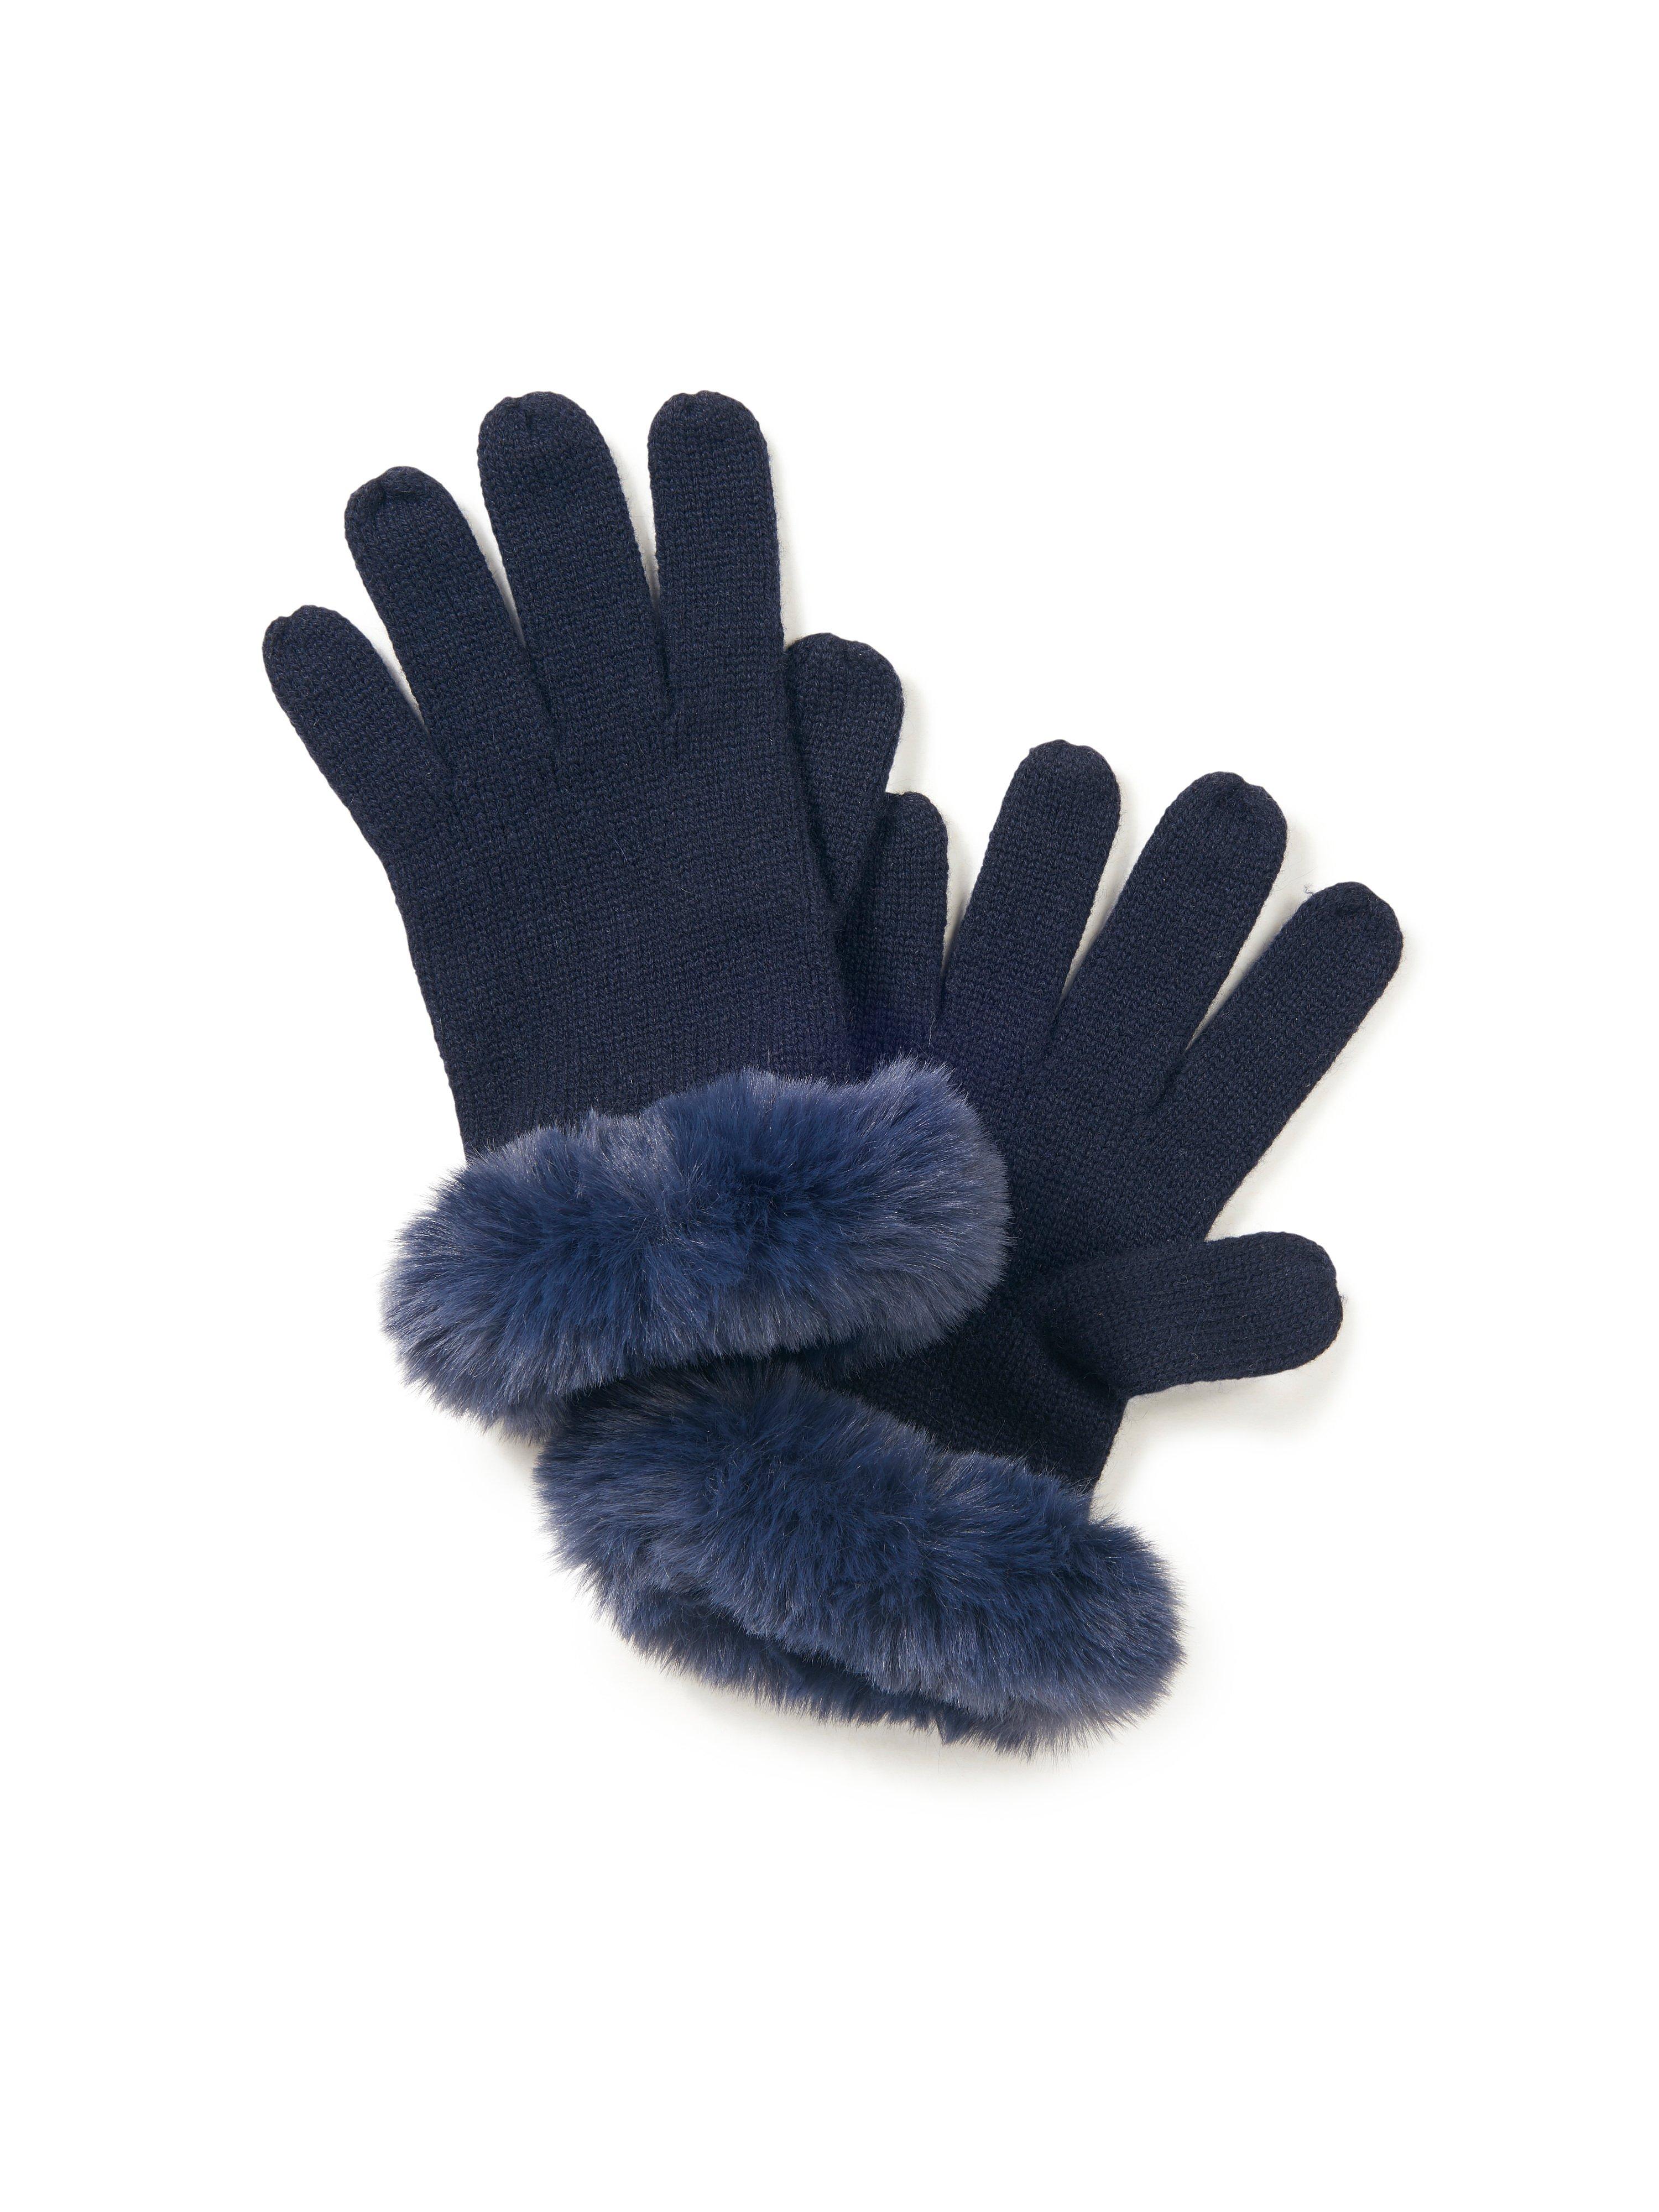 Handschoenen Van Peter Hahn Cashmere blauw